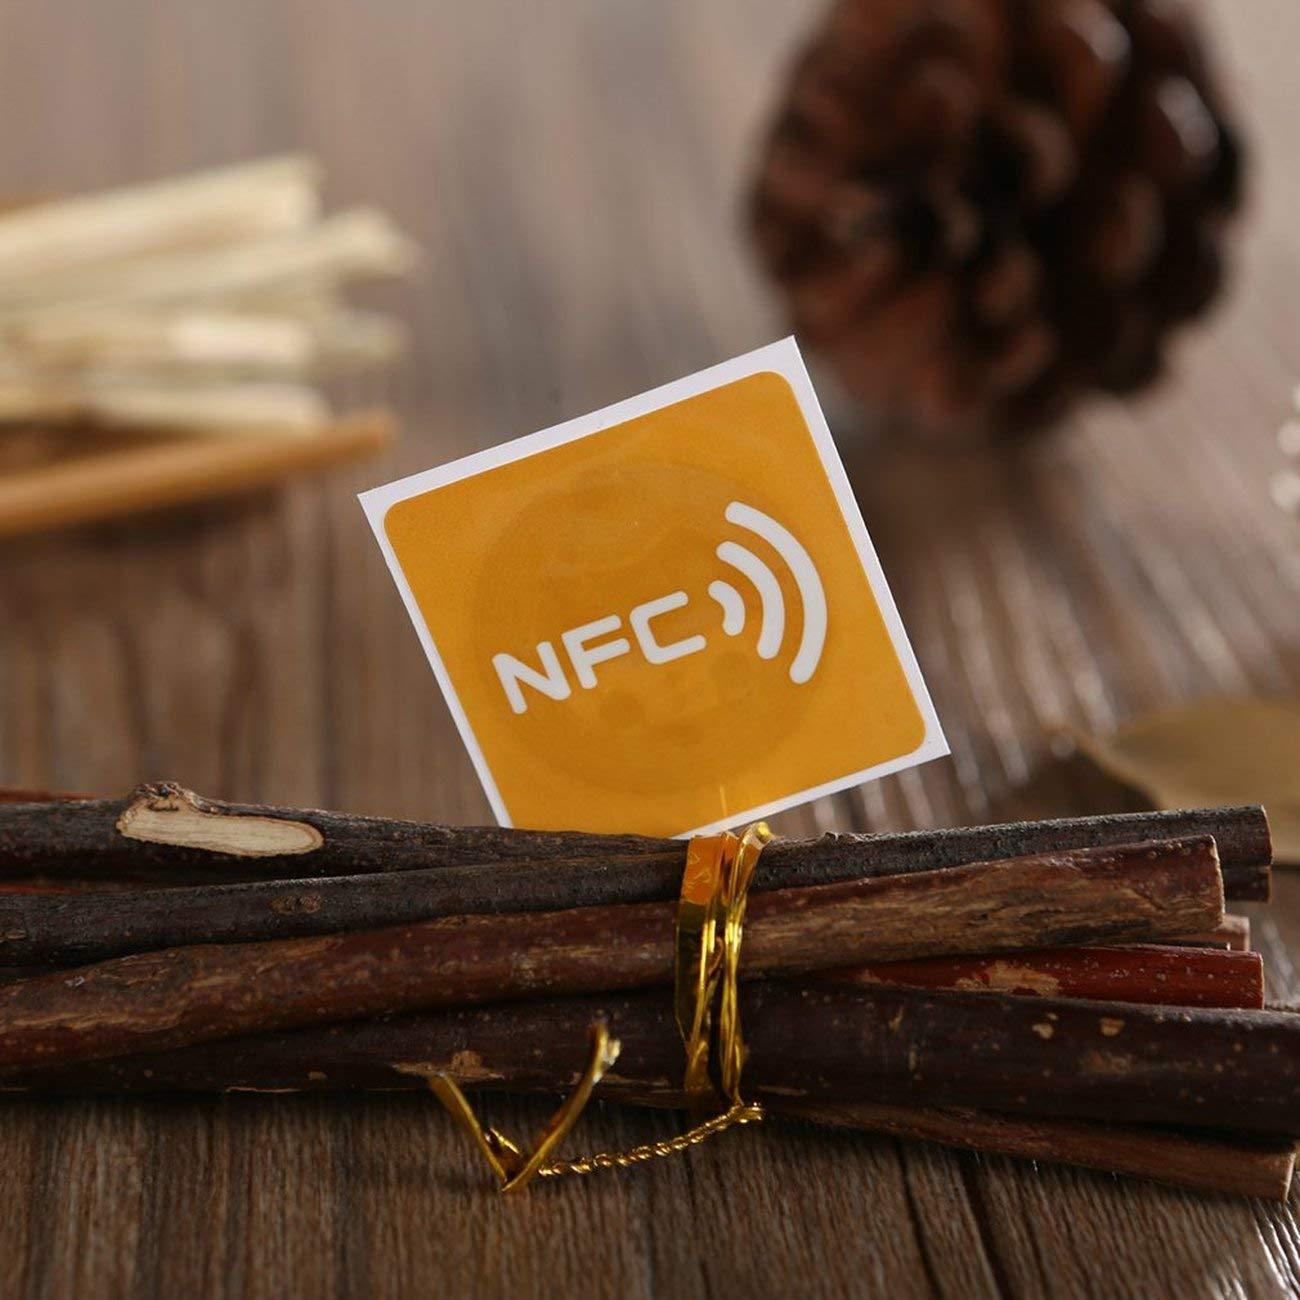 Elviray 7pcs Universale NFC Etichetta Multicolore Piazza NFC Tag Adesivi Lables per Dispositivo NFC-Enabled allIngrosso